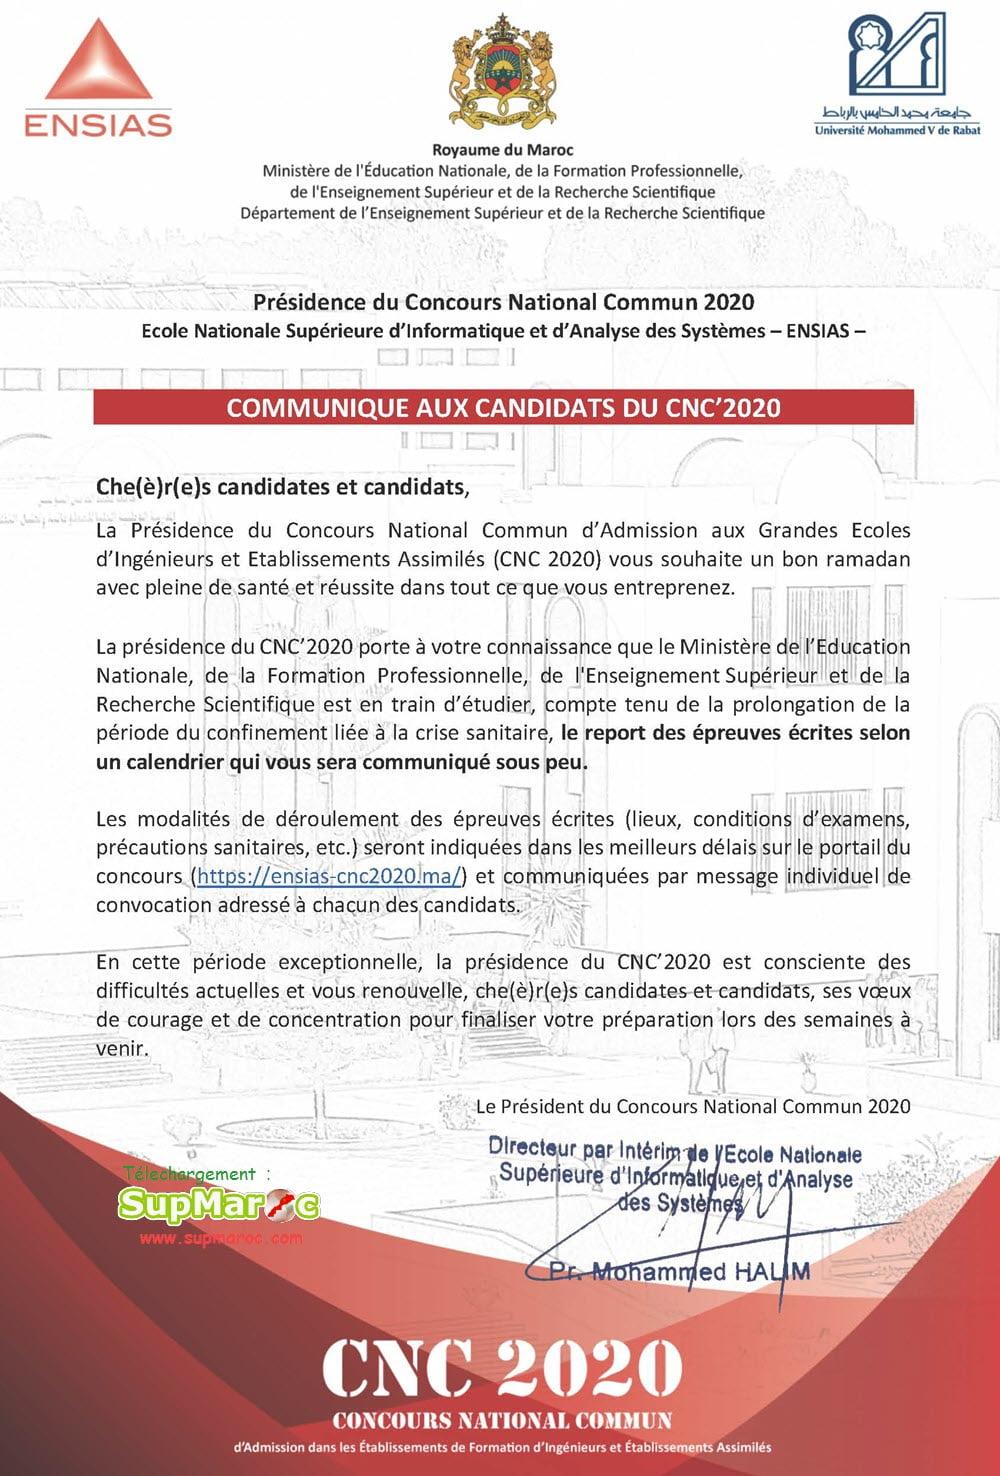 COMMUNIQUE AUX CANDIDATS DU CNC 2020